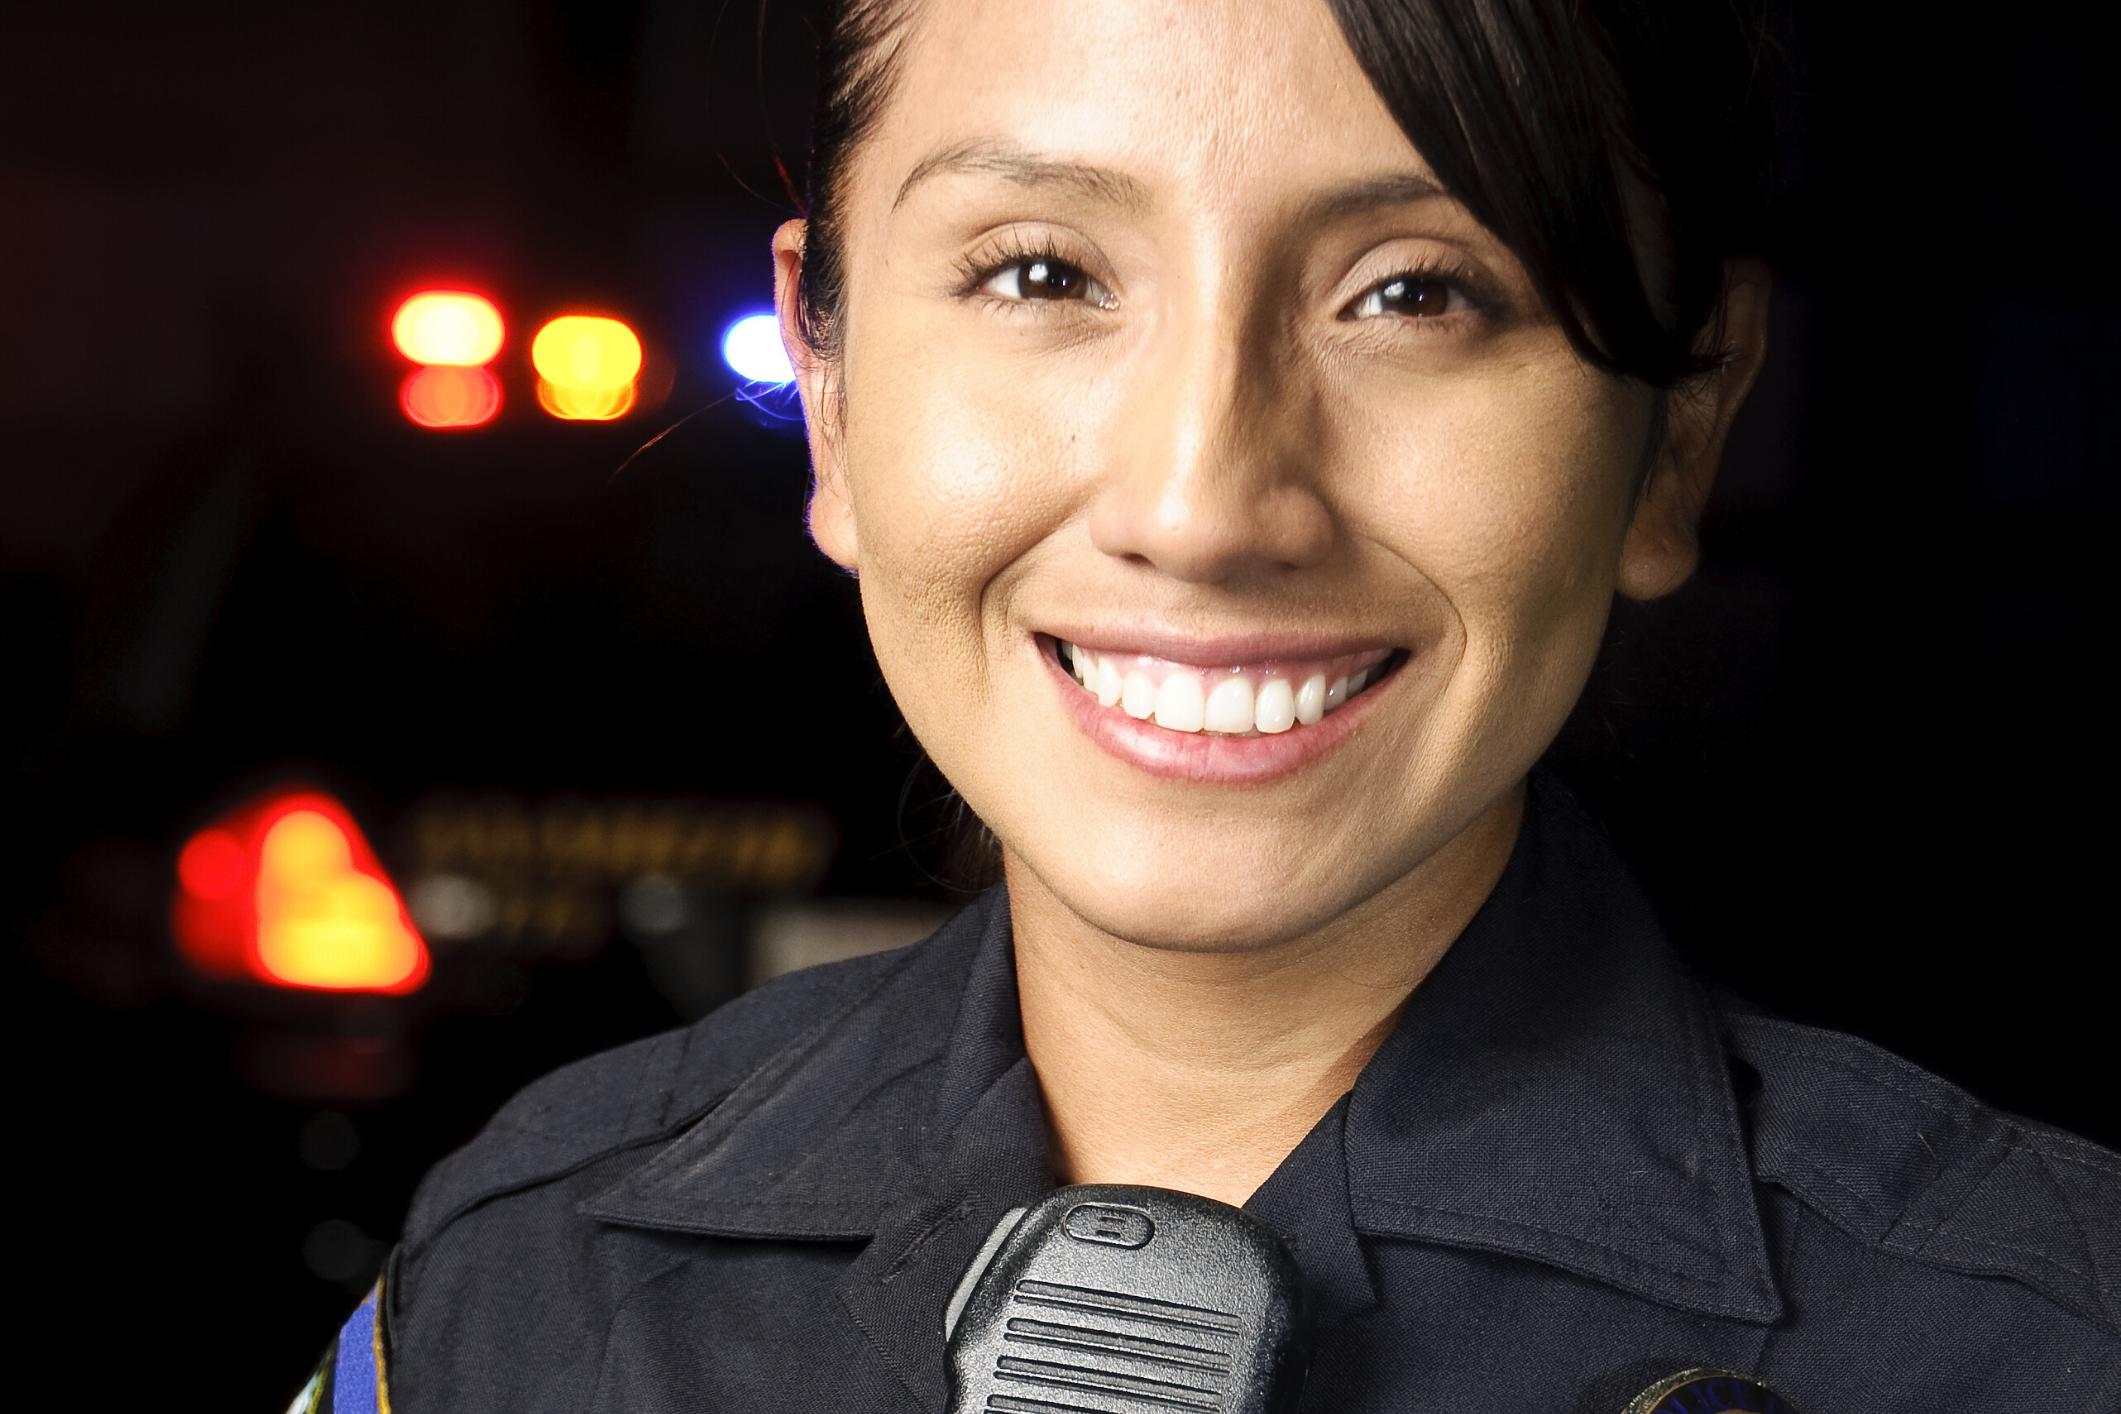 Good Female Police Officer